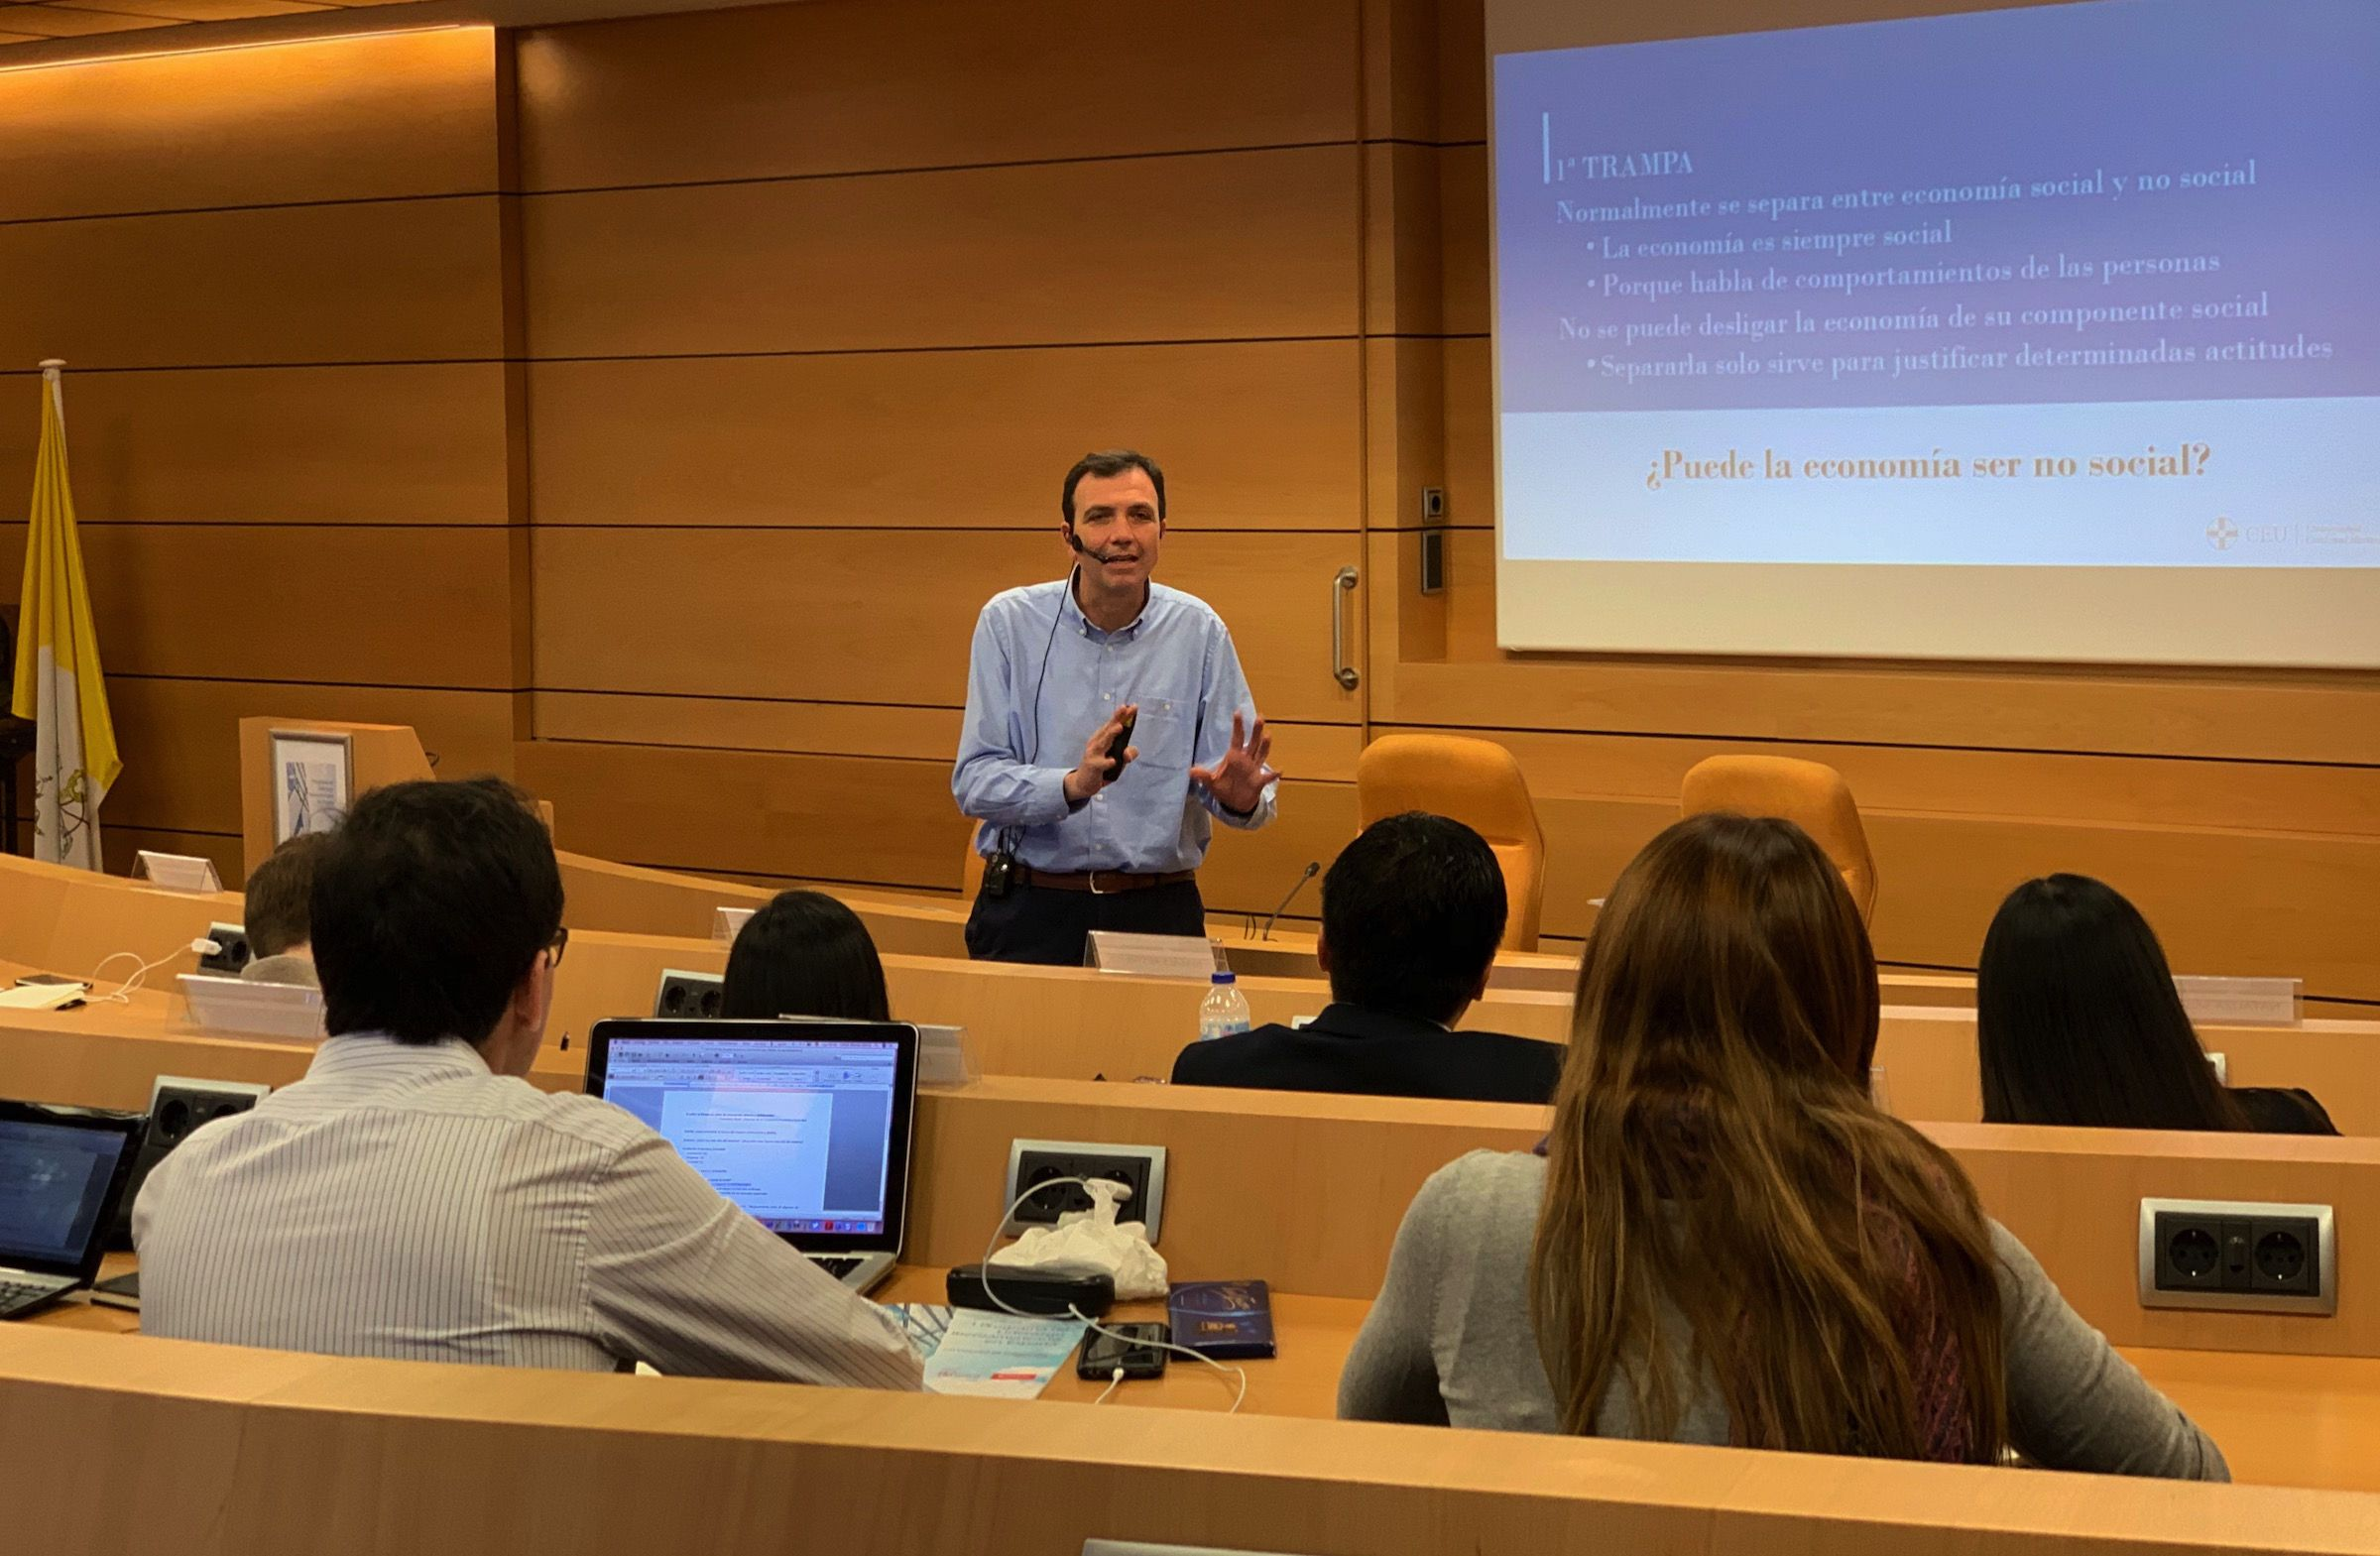 El profesor de la CEU UCH Enrique Lluch, ponente invitado al I Programa de Liderazgo Iberoamericano en España de la Fundación Pablo VI.